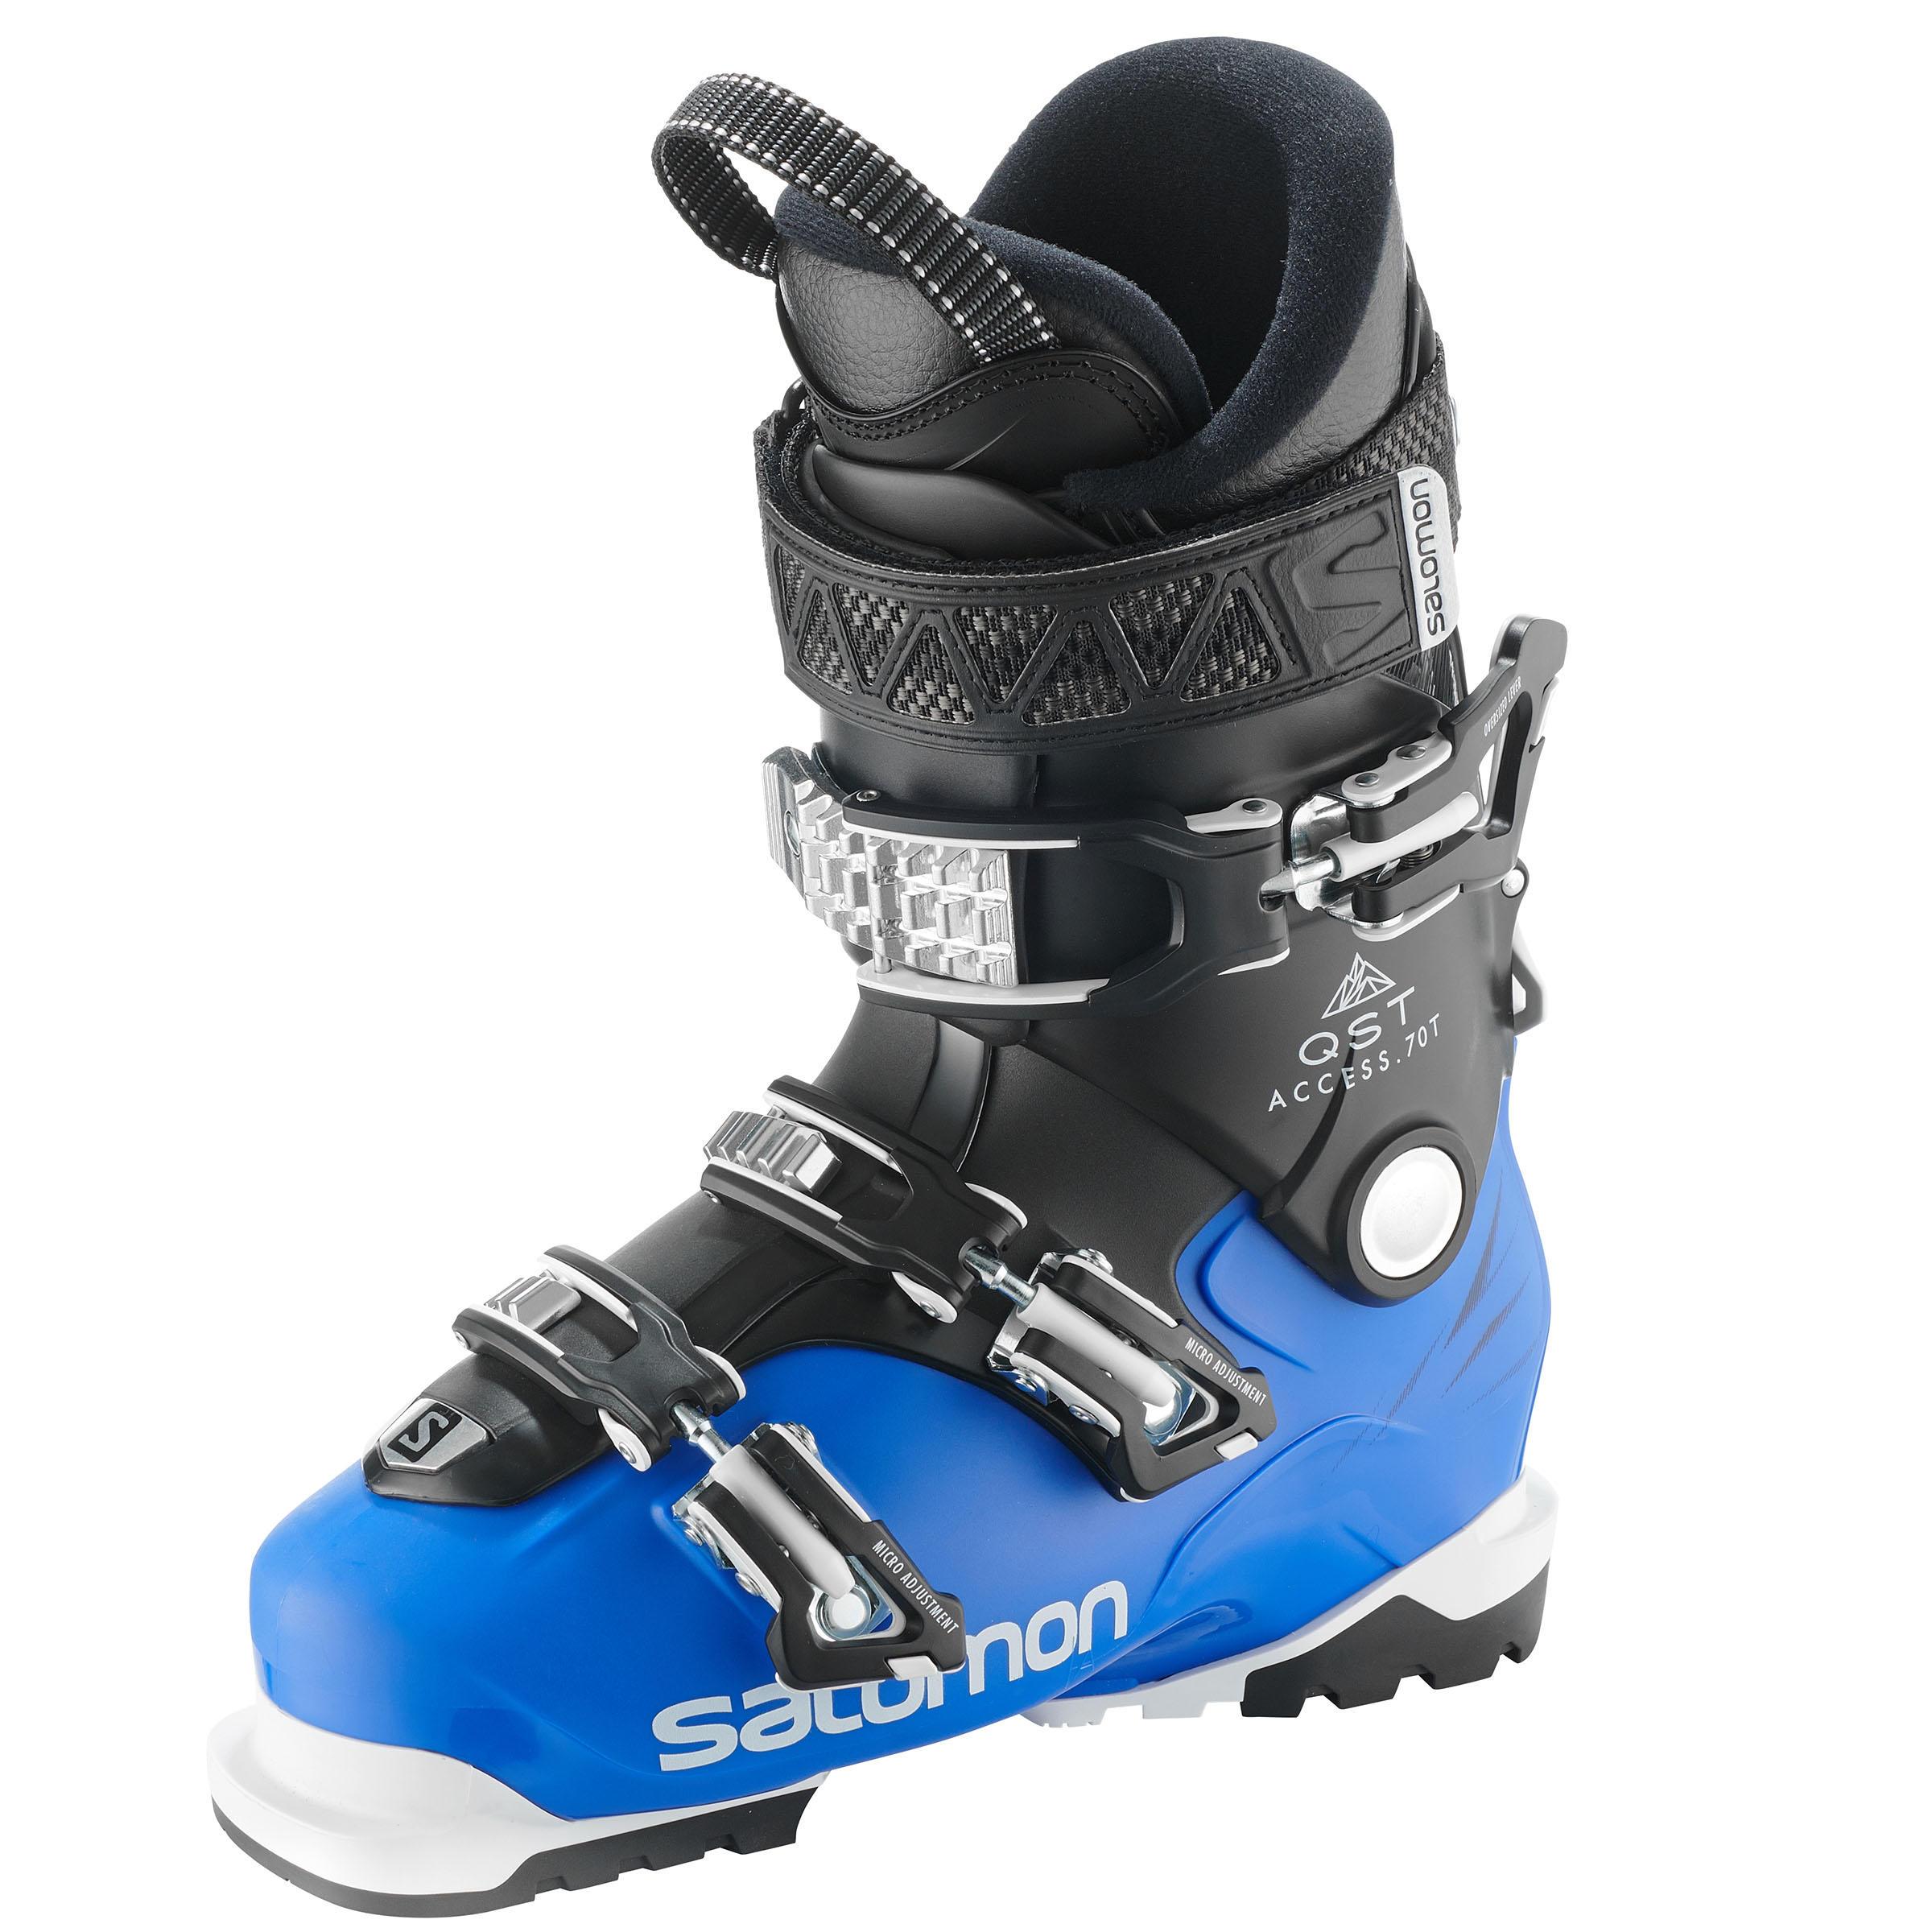 chaussure de ski freeride enfant salomon QST ACCESS 70 T bleu - Salomon